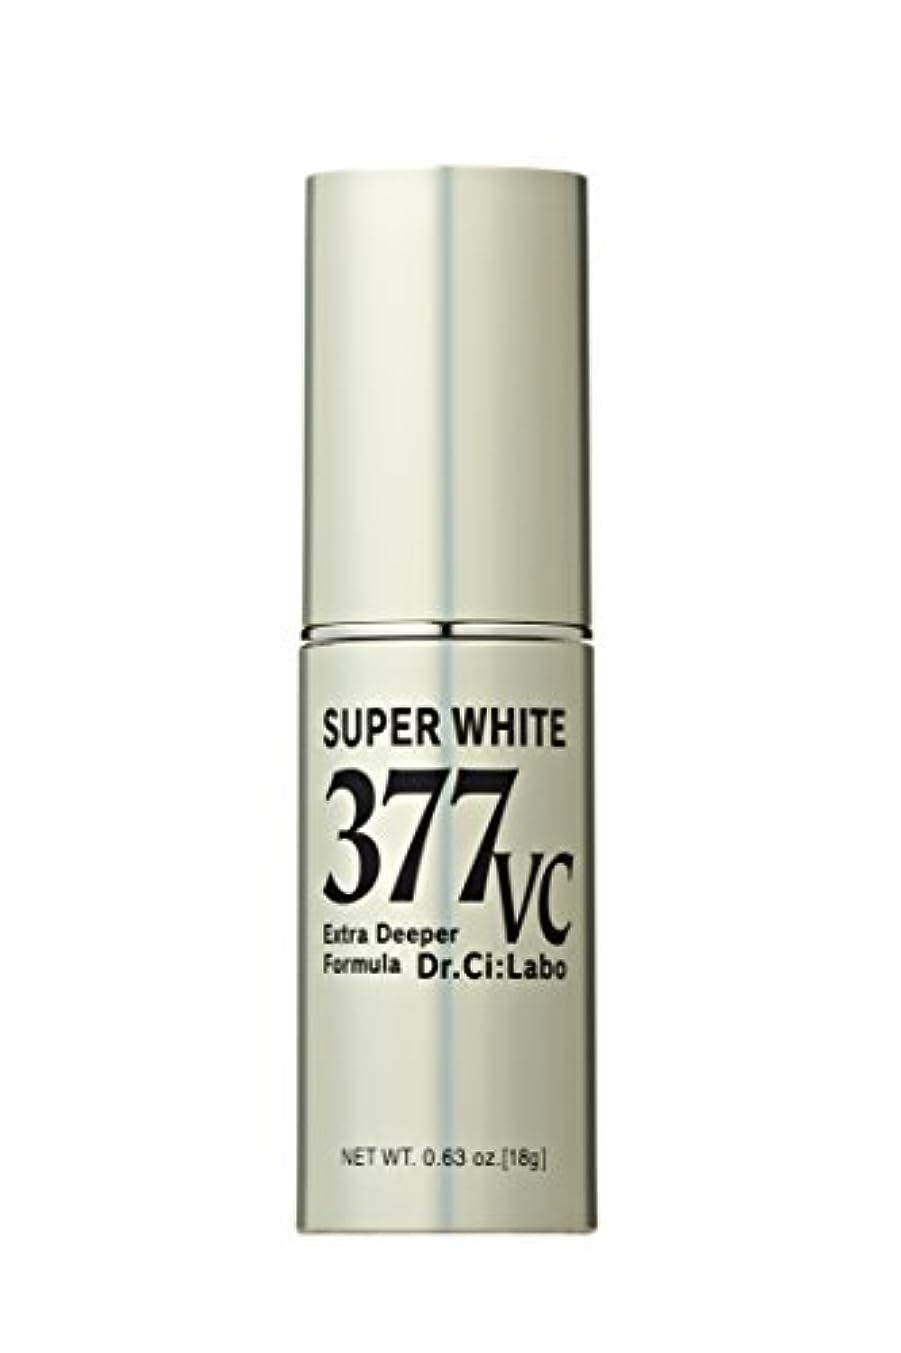 アナリスト高度愛するドクターシーラボ スーパーホワイト377VC(ブイシー) 高浸透ビタミンC 美容液 単品 18g